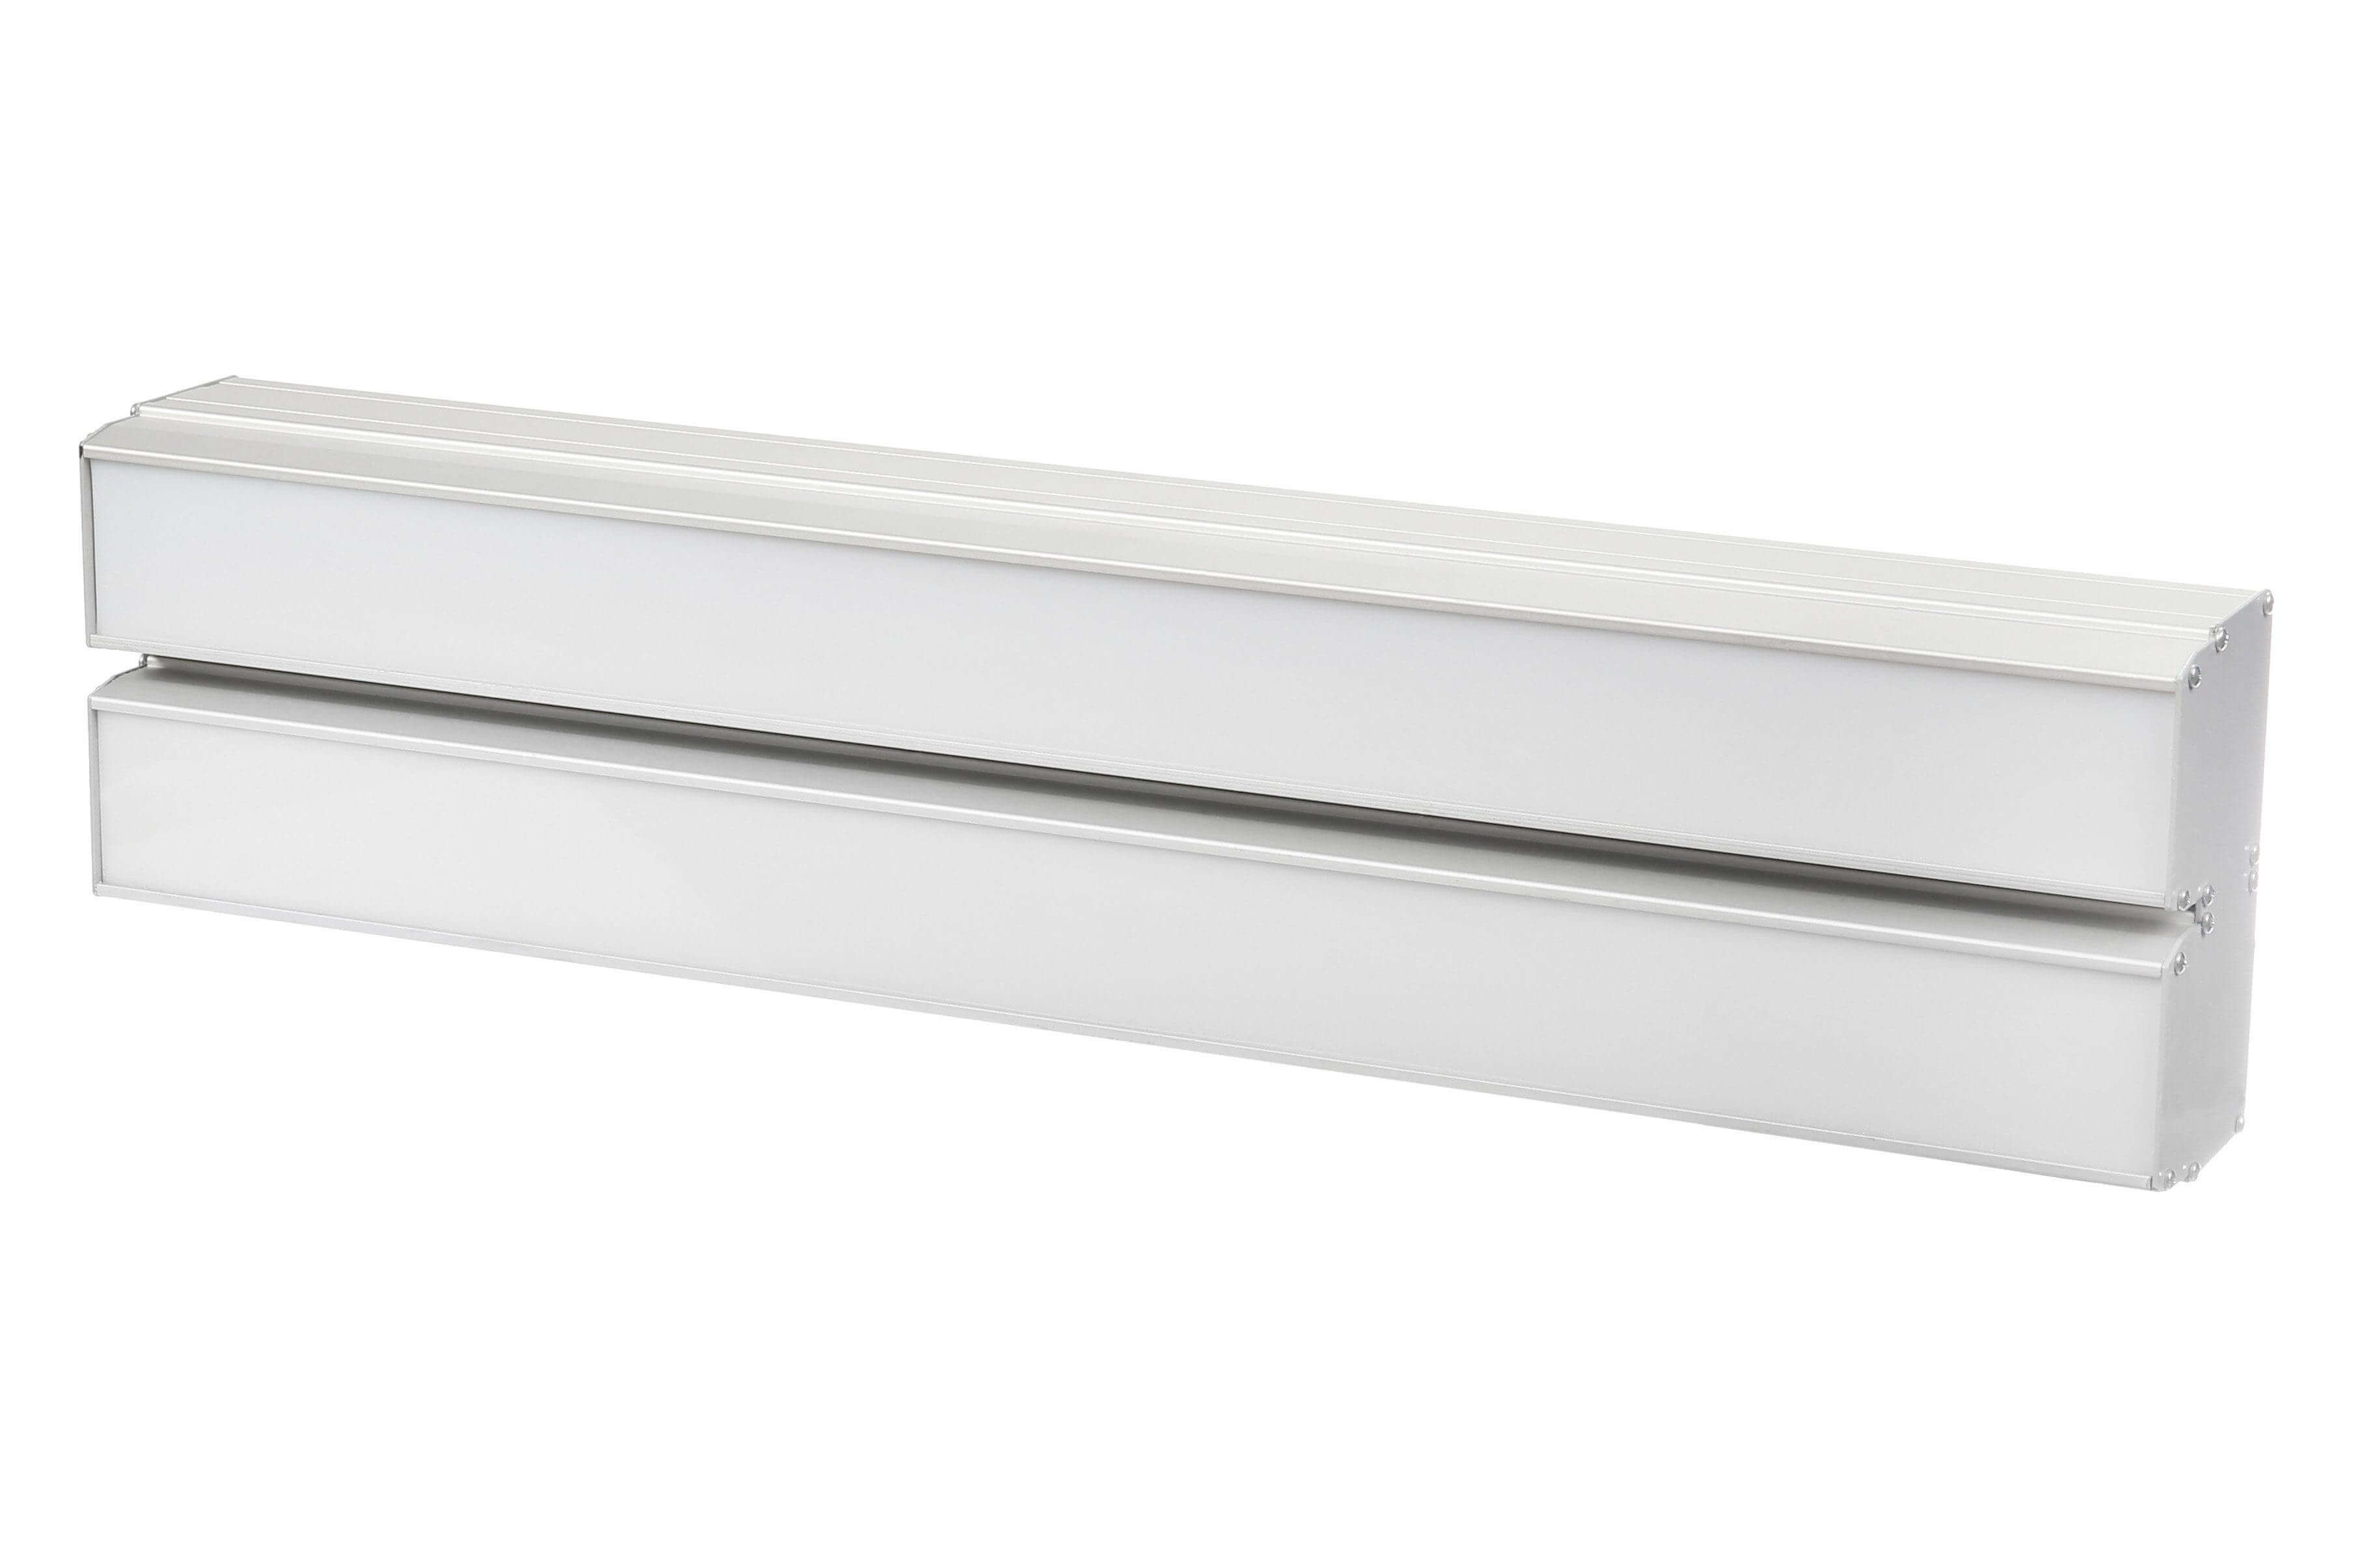 Светодиодный светильник LEDcraft LC-200-2PR2-OP-DW 200 Ватт IP20 (1464 мм) Нейтральный Опал